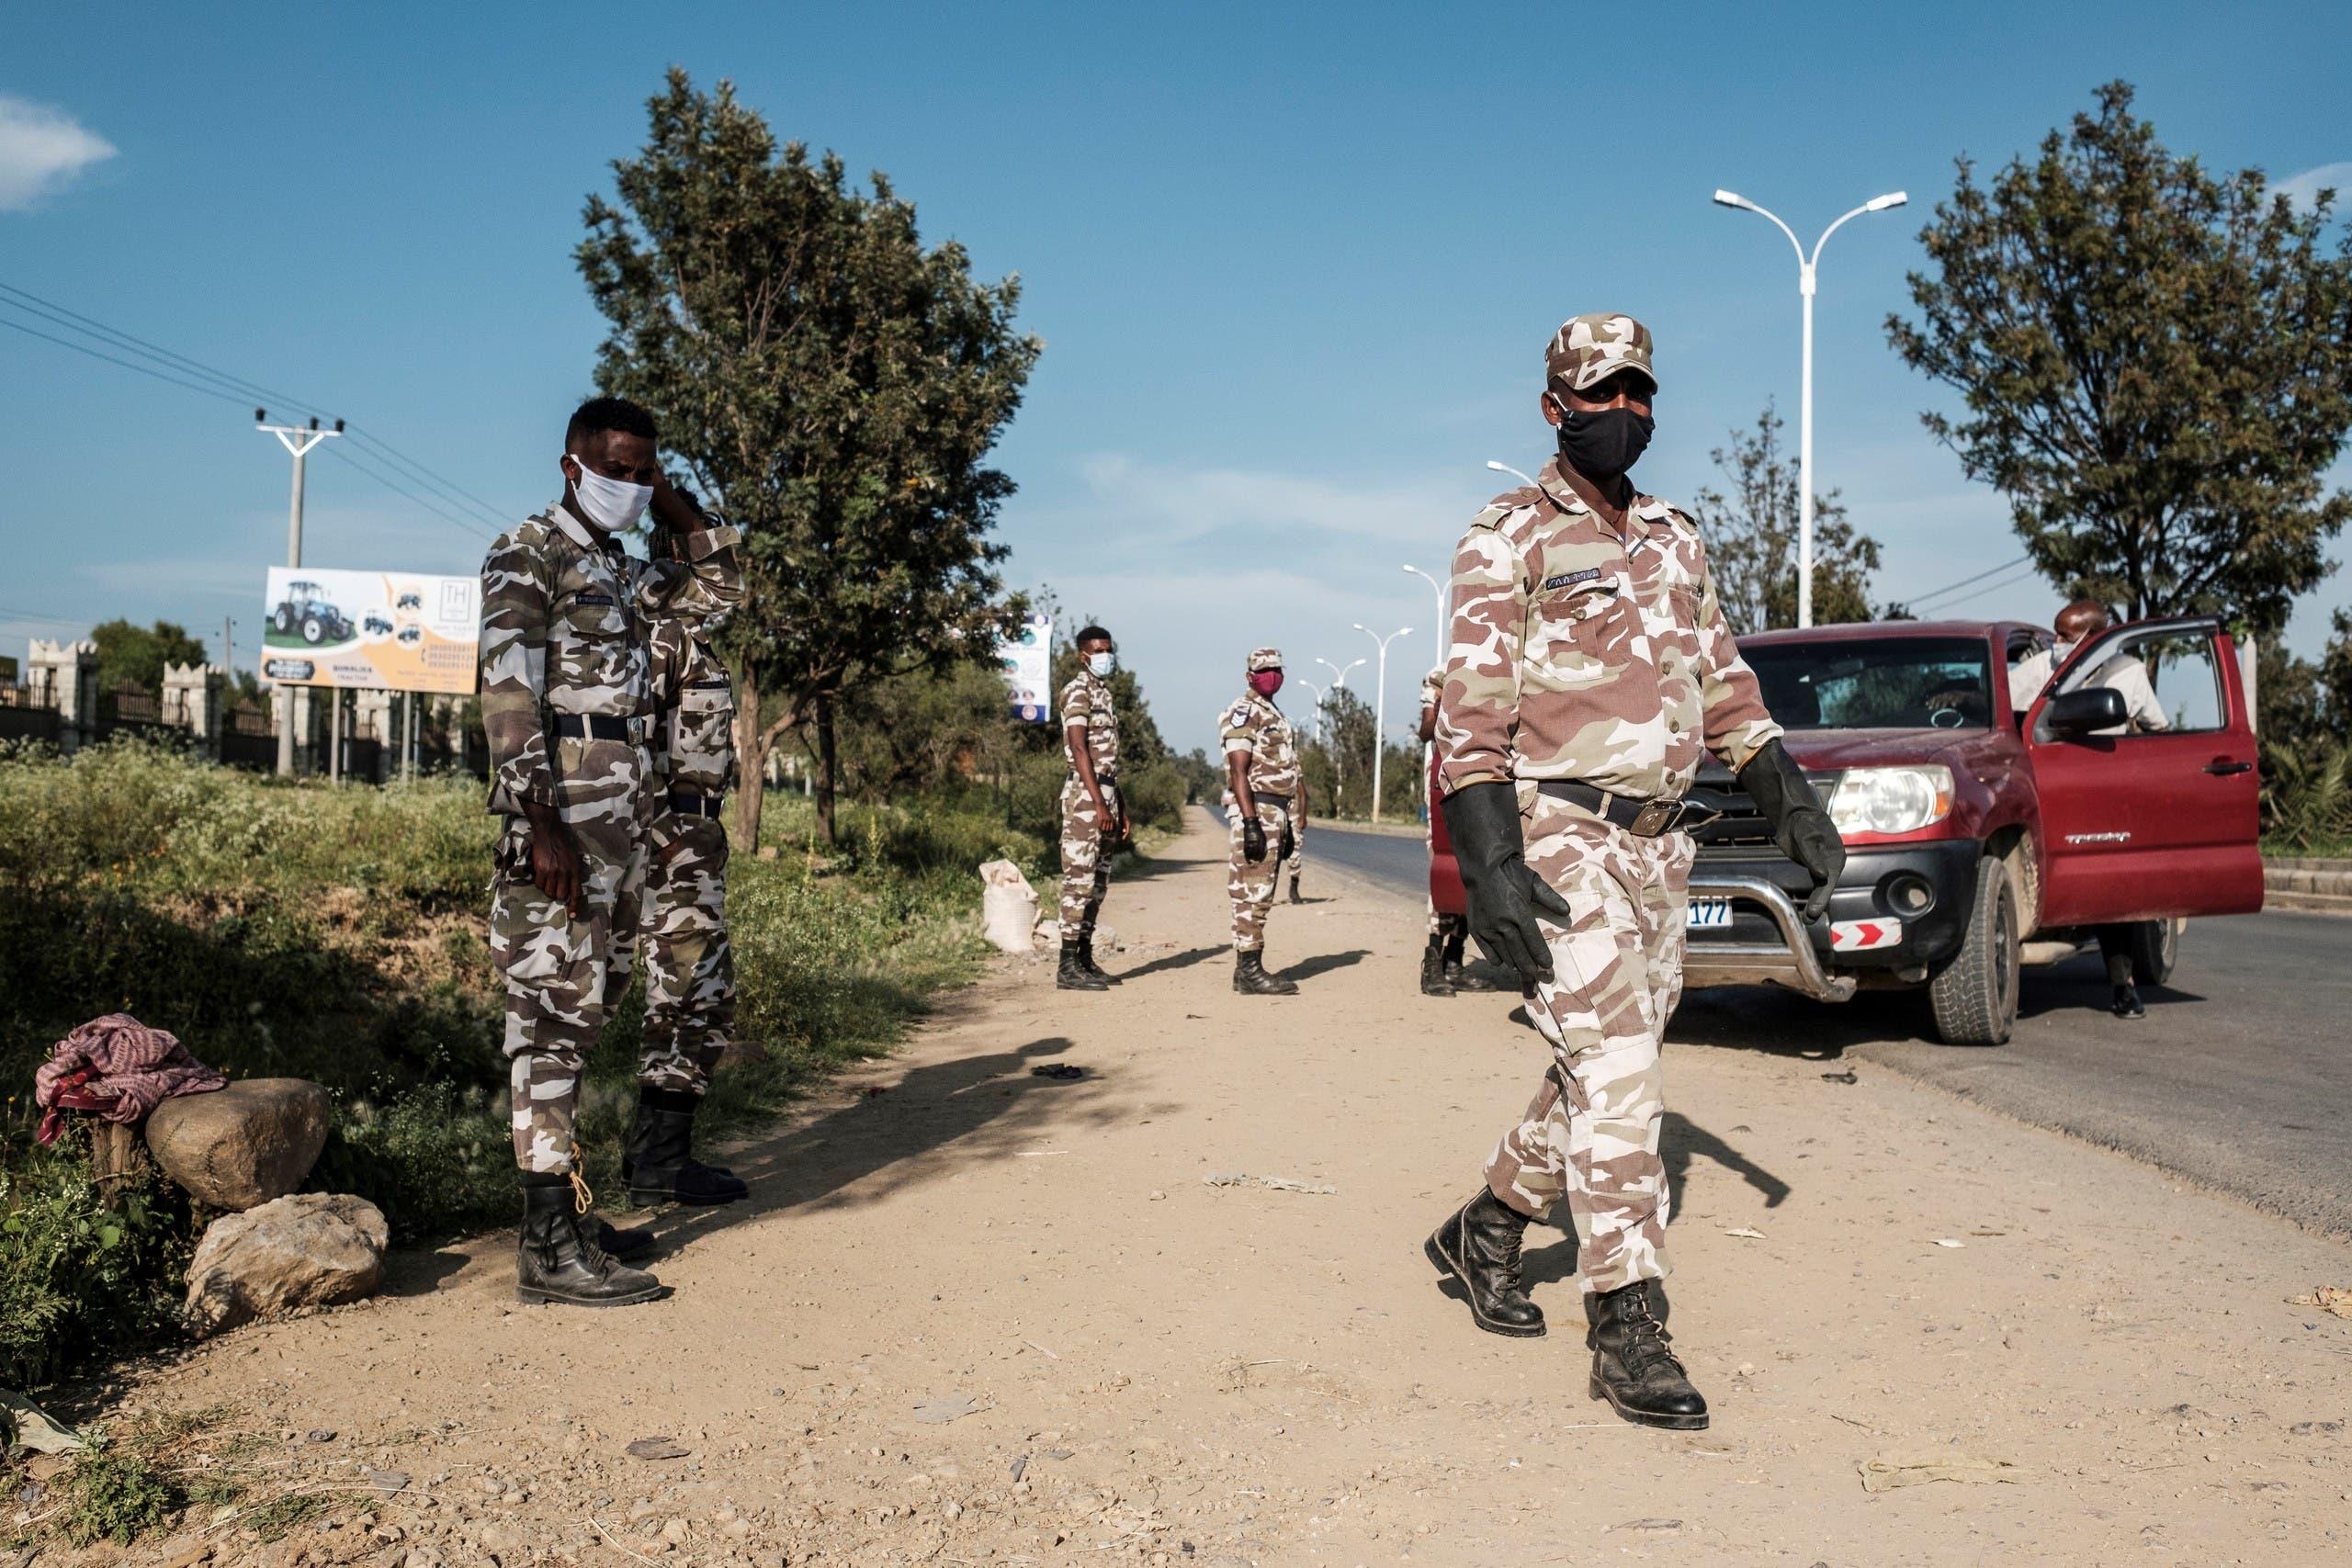 إثيوبيا تعتقل 17 ضابطاً بالجيش بتهمة التواطؤ مع سلطات تيغراي